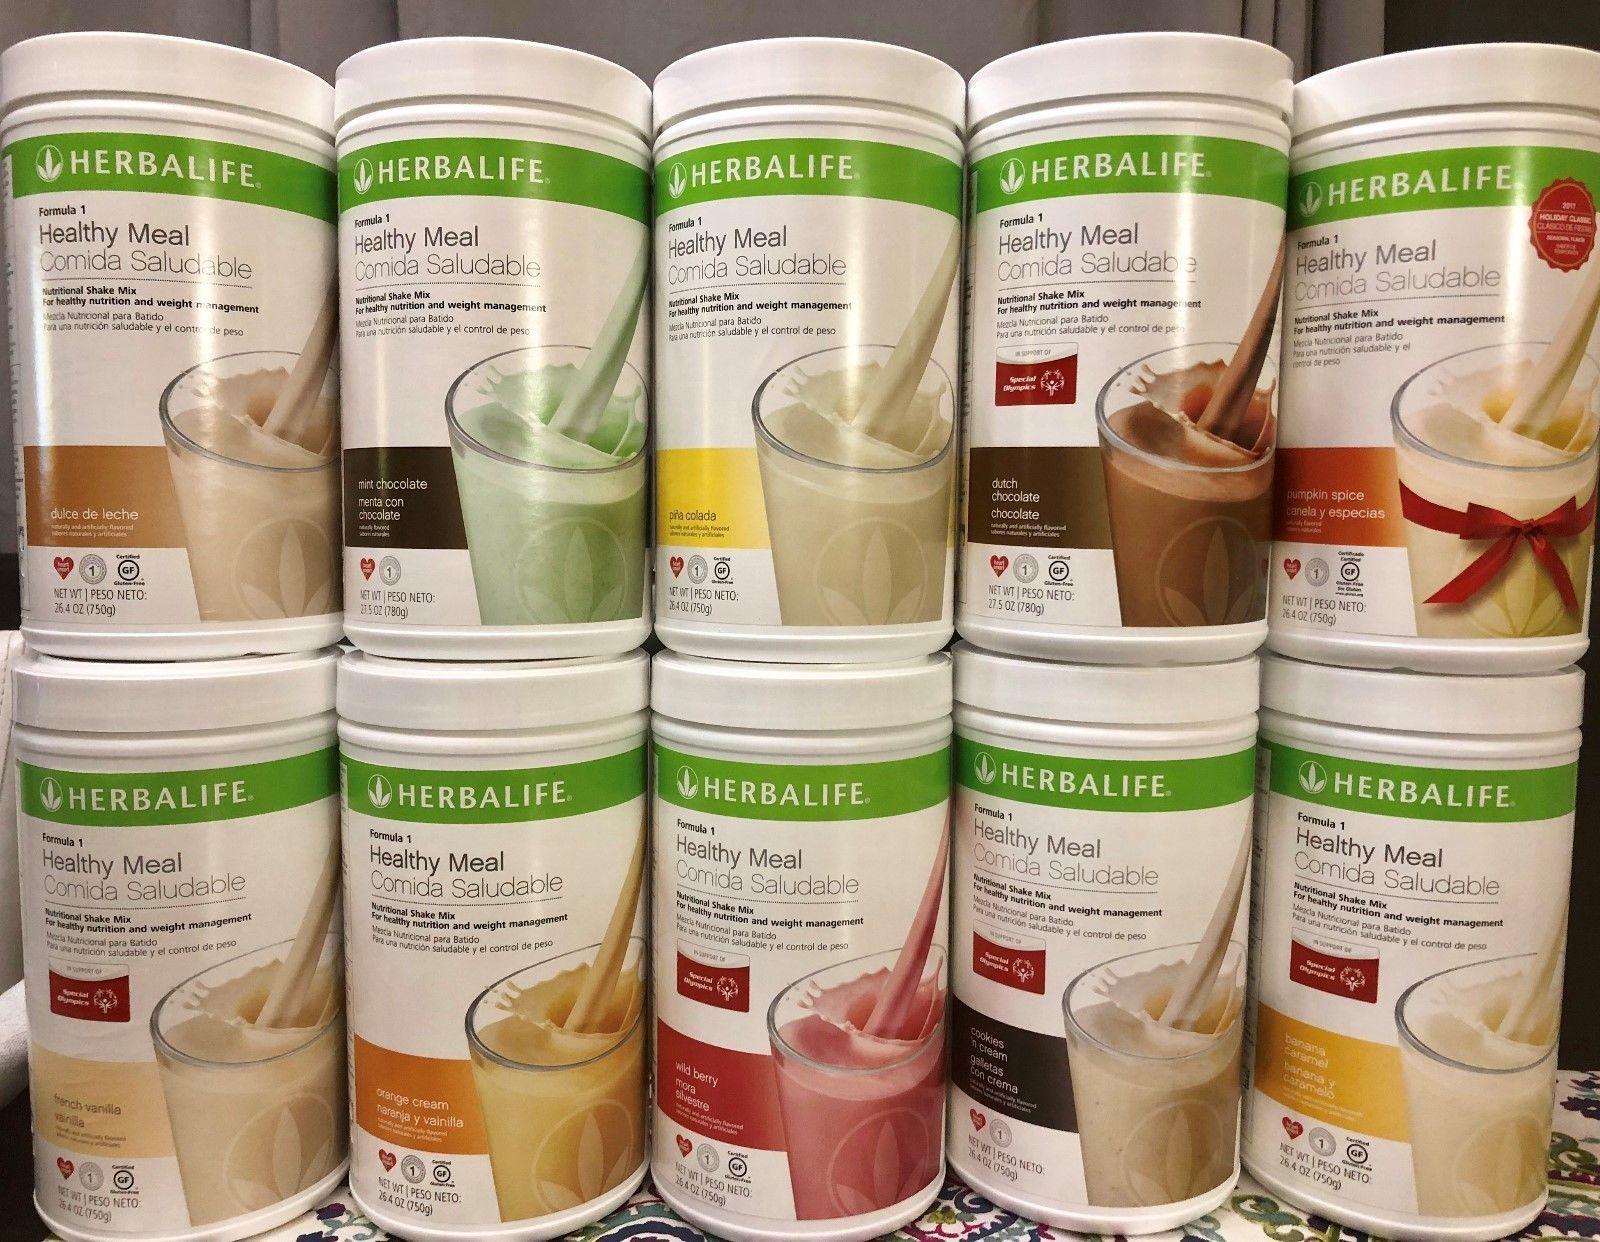 Herbalife Formula 1 Healthy Meal Shake Herbalife Recipes Herbalife Shake Recipes Nutrition Shakes